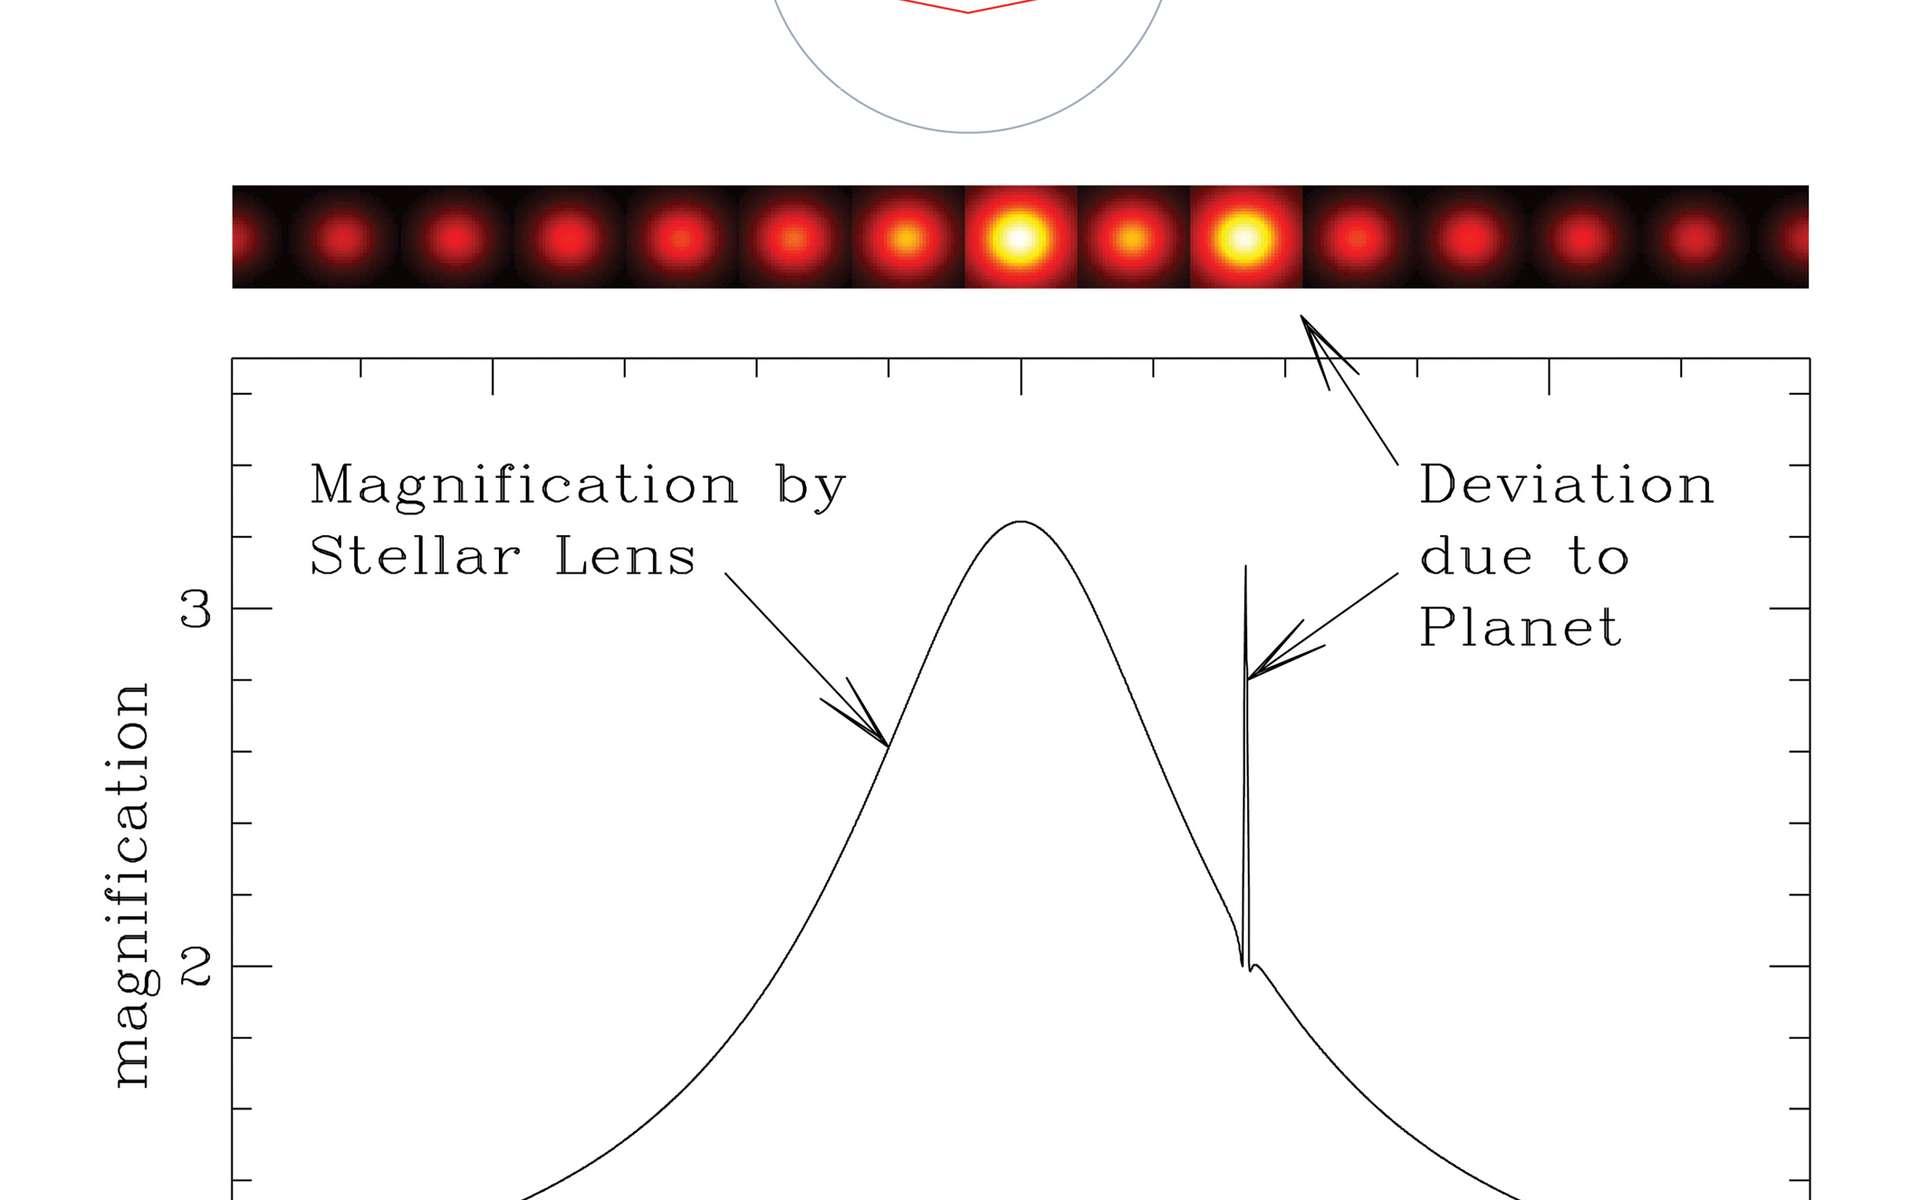 Grâce à l'effet de microlentille gravitationnelle, le télescope spatiale WFirst permettra de faire des estimations du nombre des exoplanètes avec des masses supérieures à un dixième de la masse de la Terre à des distances de leur étoile hôte de 0,5 UA et au-delà. Comme on le voit sur ce schéma, de telles exoplanètes se manifesteront par un petit pic de luminosité s'ajoutant à celui produit par l'étoile hôte par effet de microlentille. Ces observations viendront compléter celles de Kepler, apportant des réponses sur la formation des planètes dans la Voie lactée. © Nasa